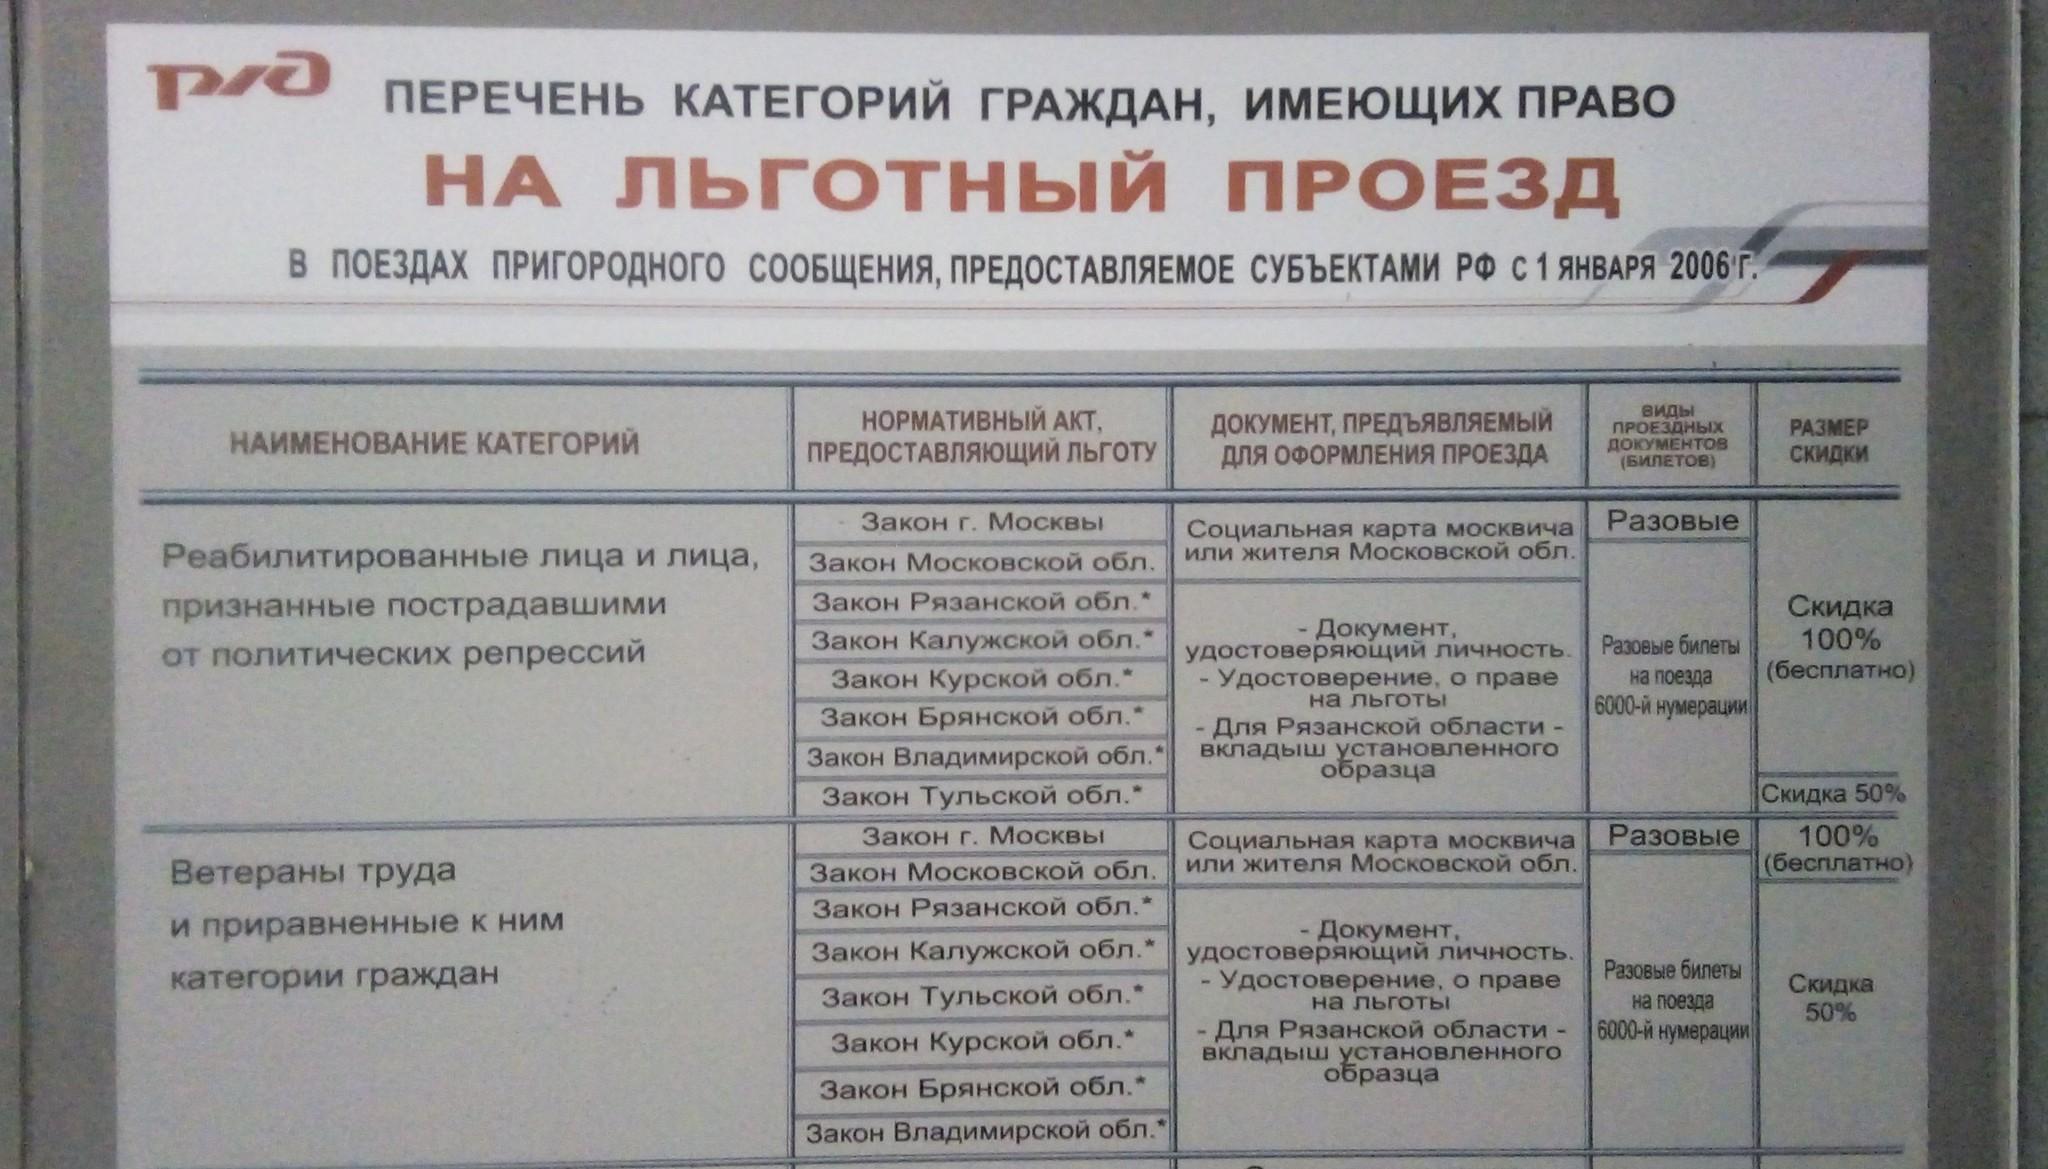 Гражданин Республики Казахстан Или Гражданин Казахстана Как Правильно Писать